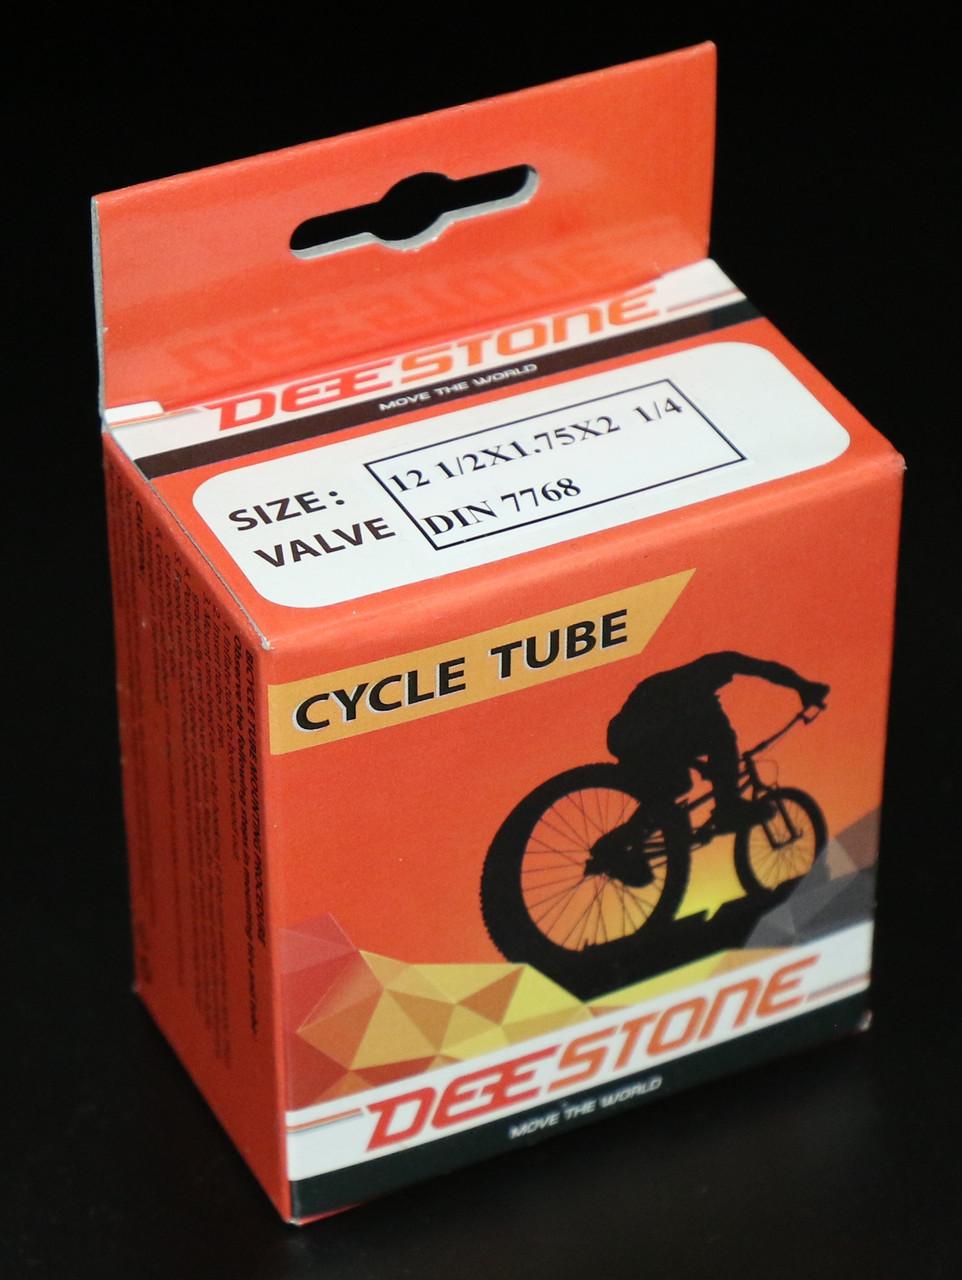 Камера велосипедная 12 1/2x1.75x2 1/4 DIN 7768, изогнутый (кривой) вентиль Deestone (Таиланд)